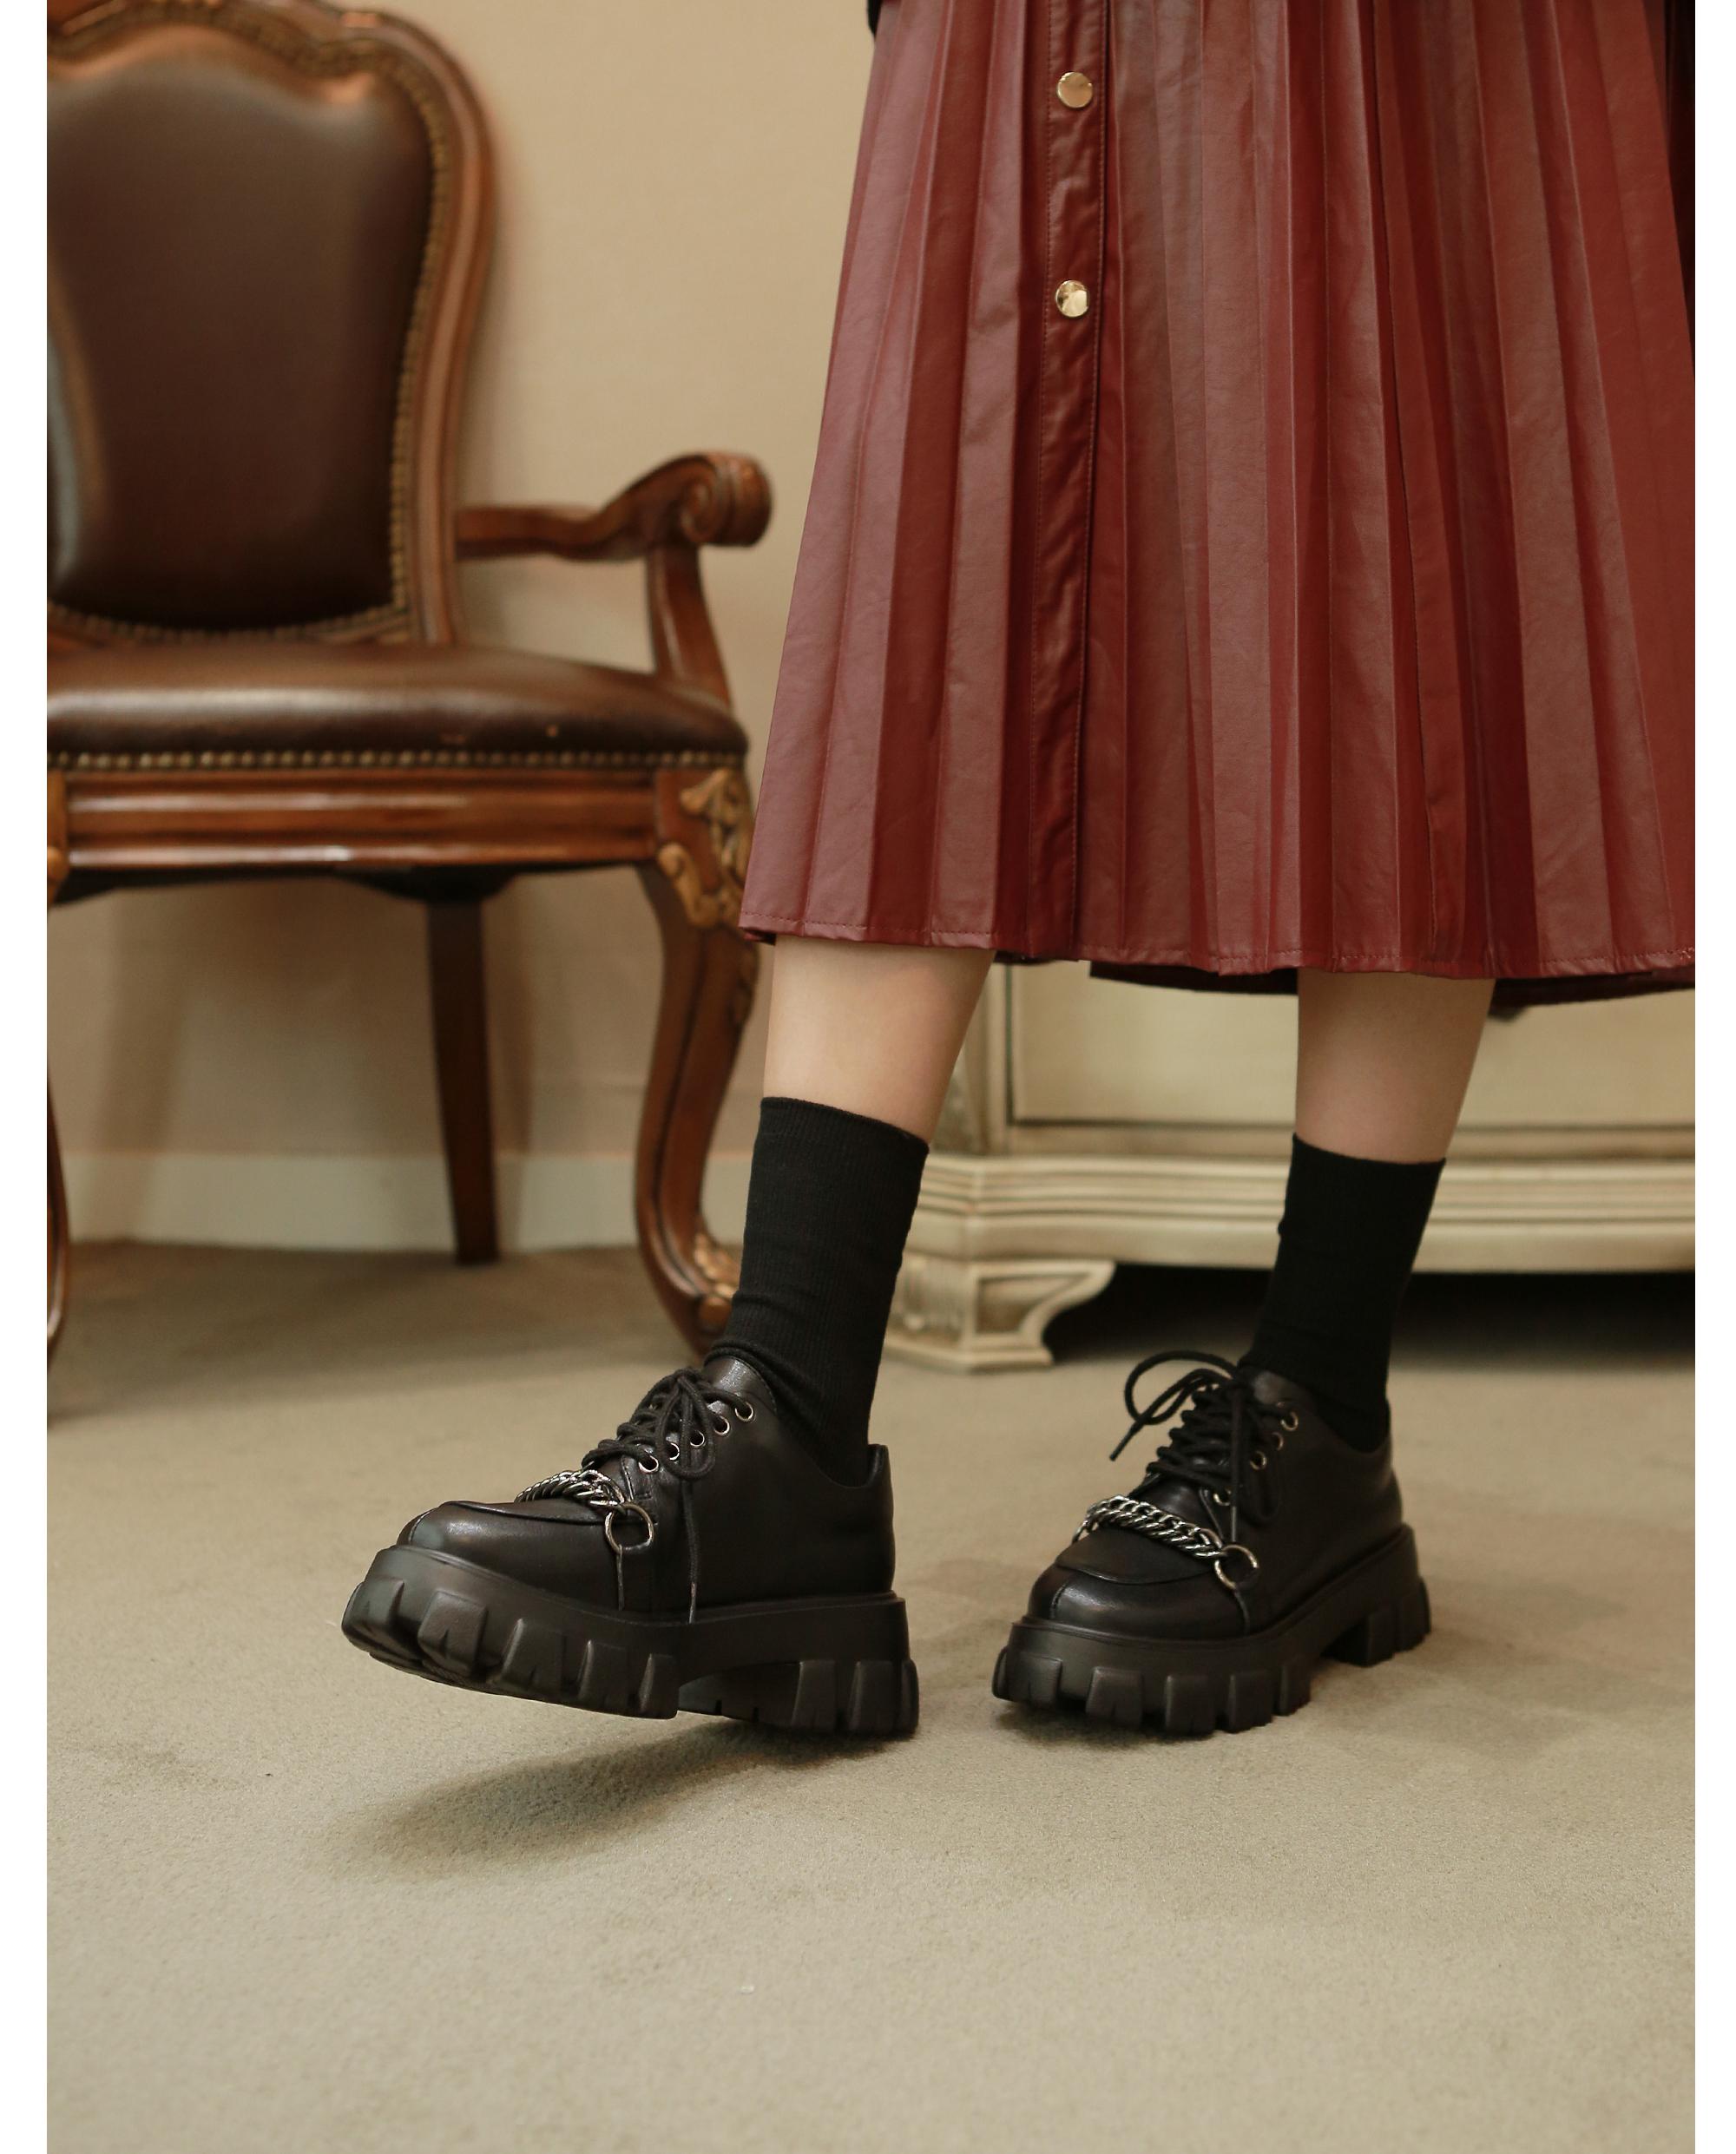 리플라(LI FLA) 19B510 black loafer